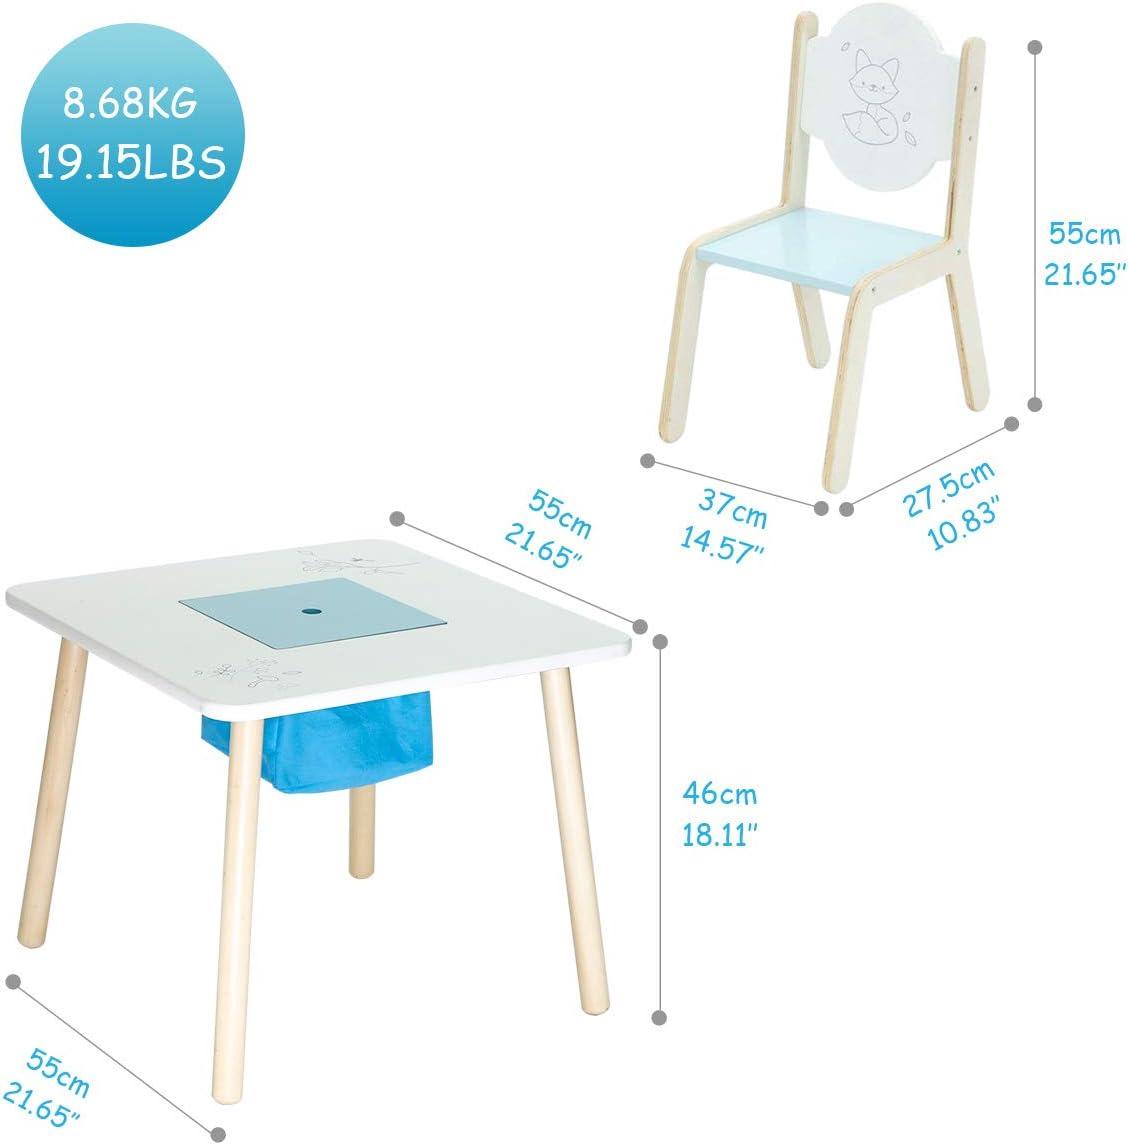 Petite Table /à Oiseaux et 2 chaises HONNIEKIS Table et Chaise en Bois pour Enfants Jouet de Meubles pour Enfants